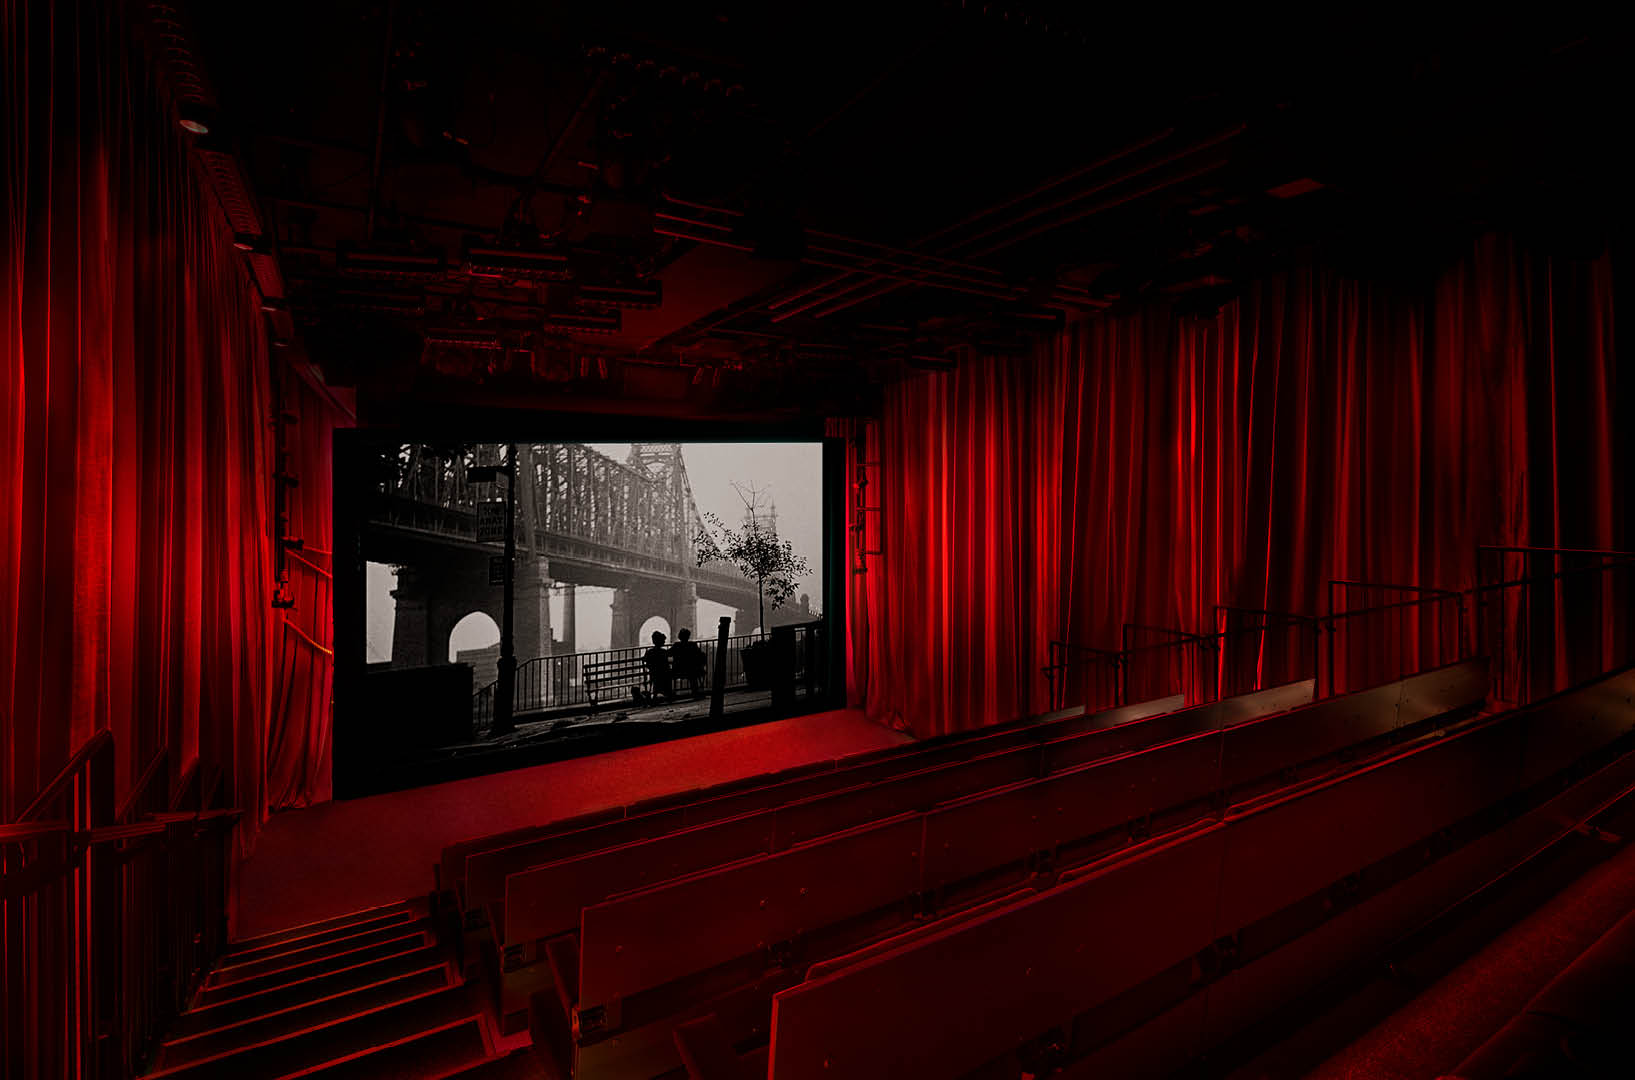 Das wohl angesagteste Hotel in SoHo, NYC: Das Public Hotel von Studio 54-Gründer Ian Schrager 18